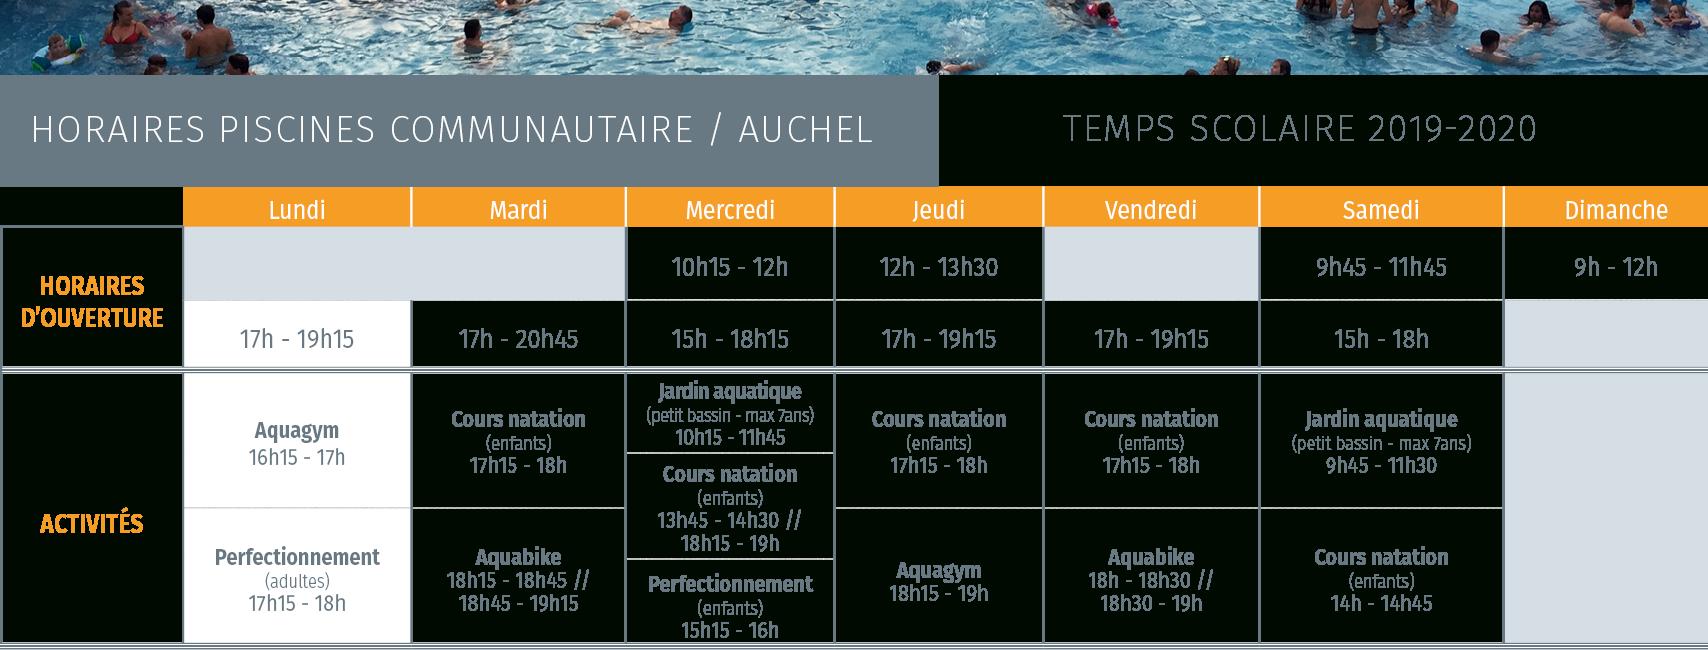 Piscines Communautaires | Bethune-Bruay.fr tout Piscine Auchel